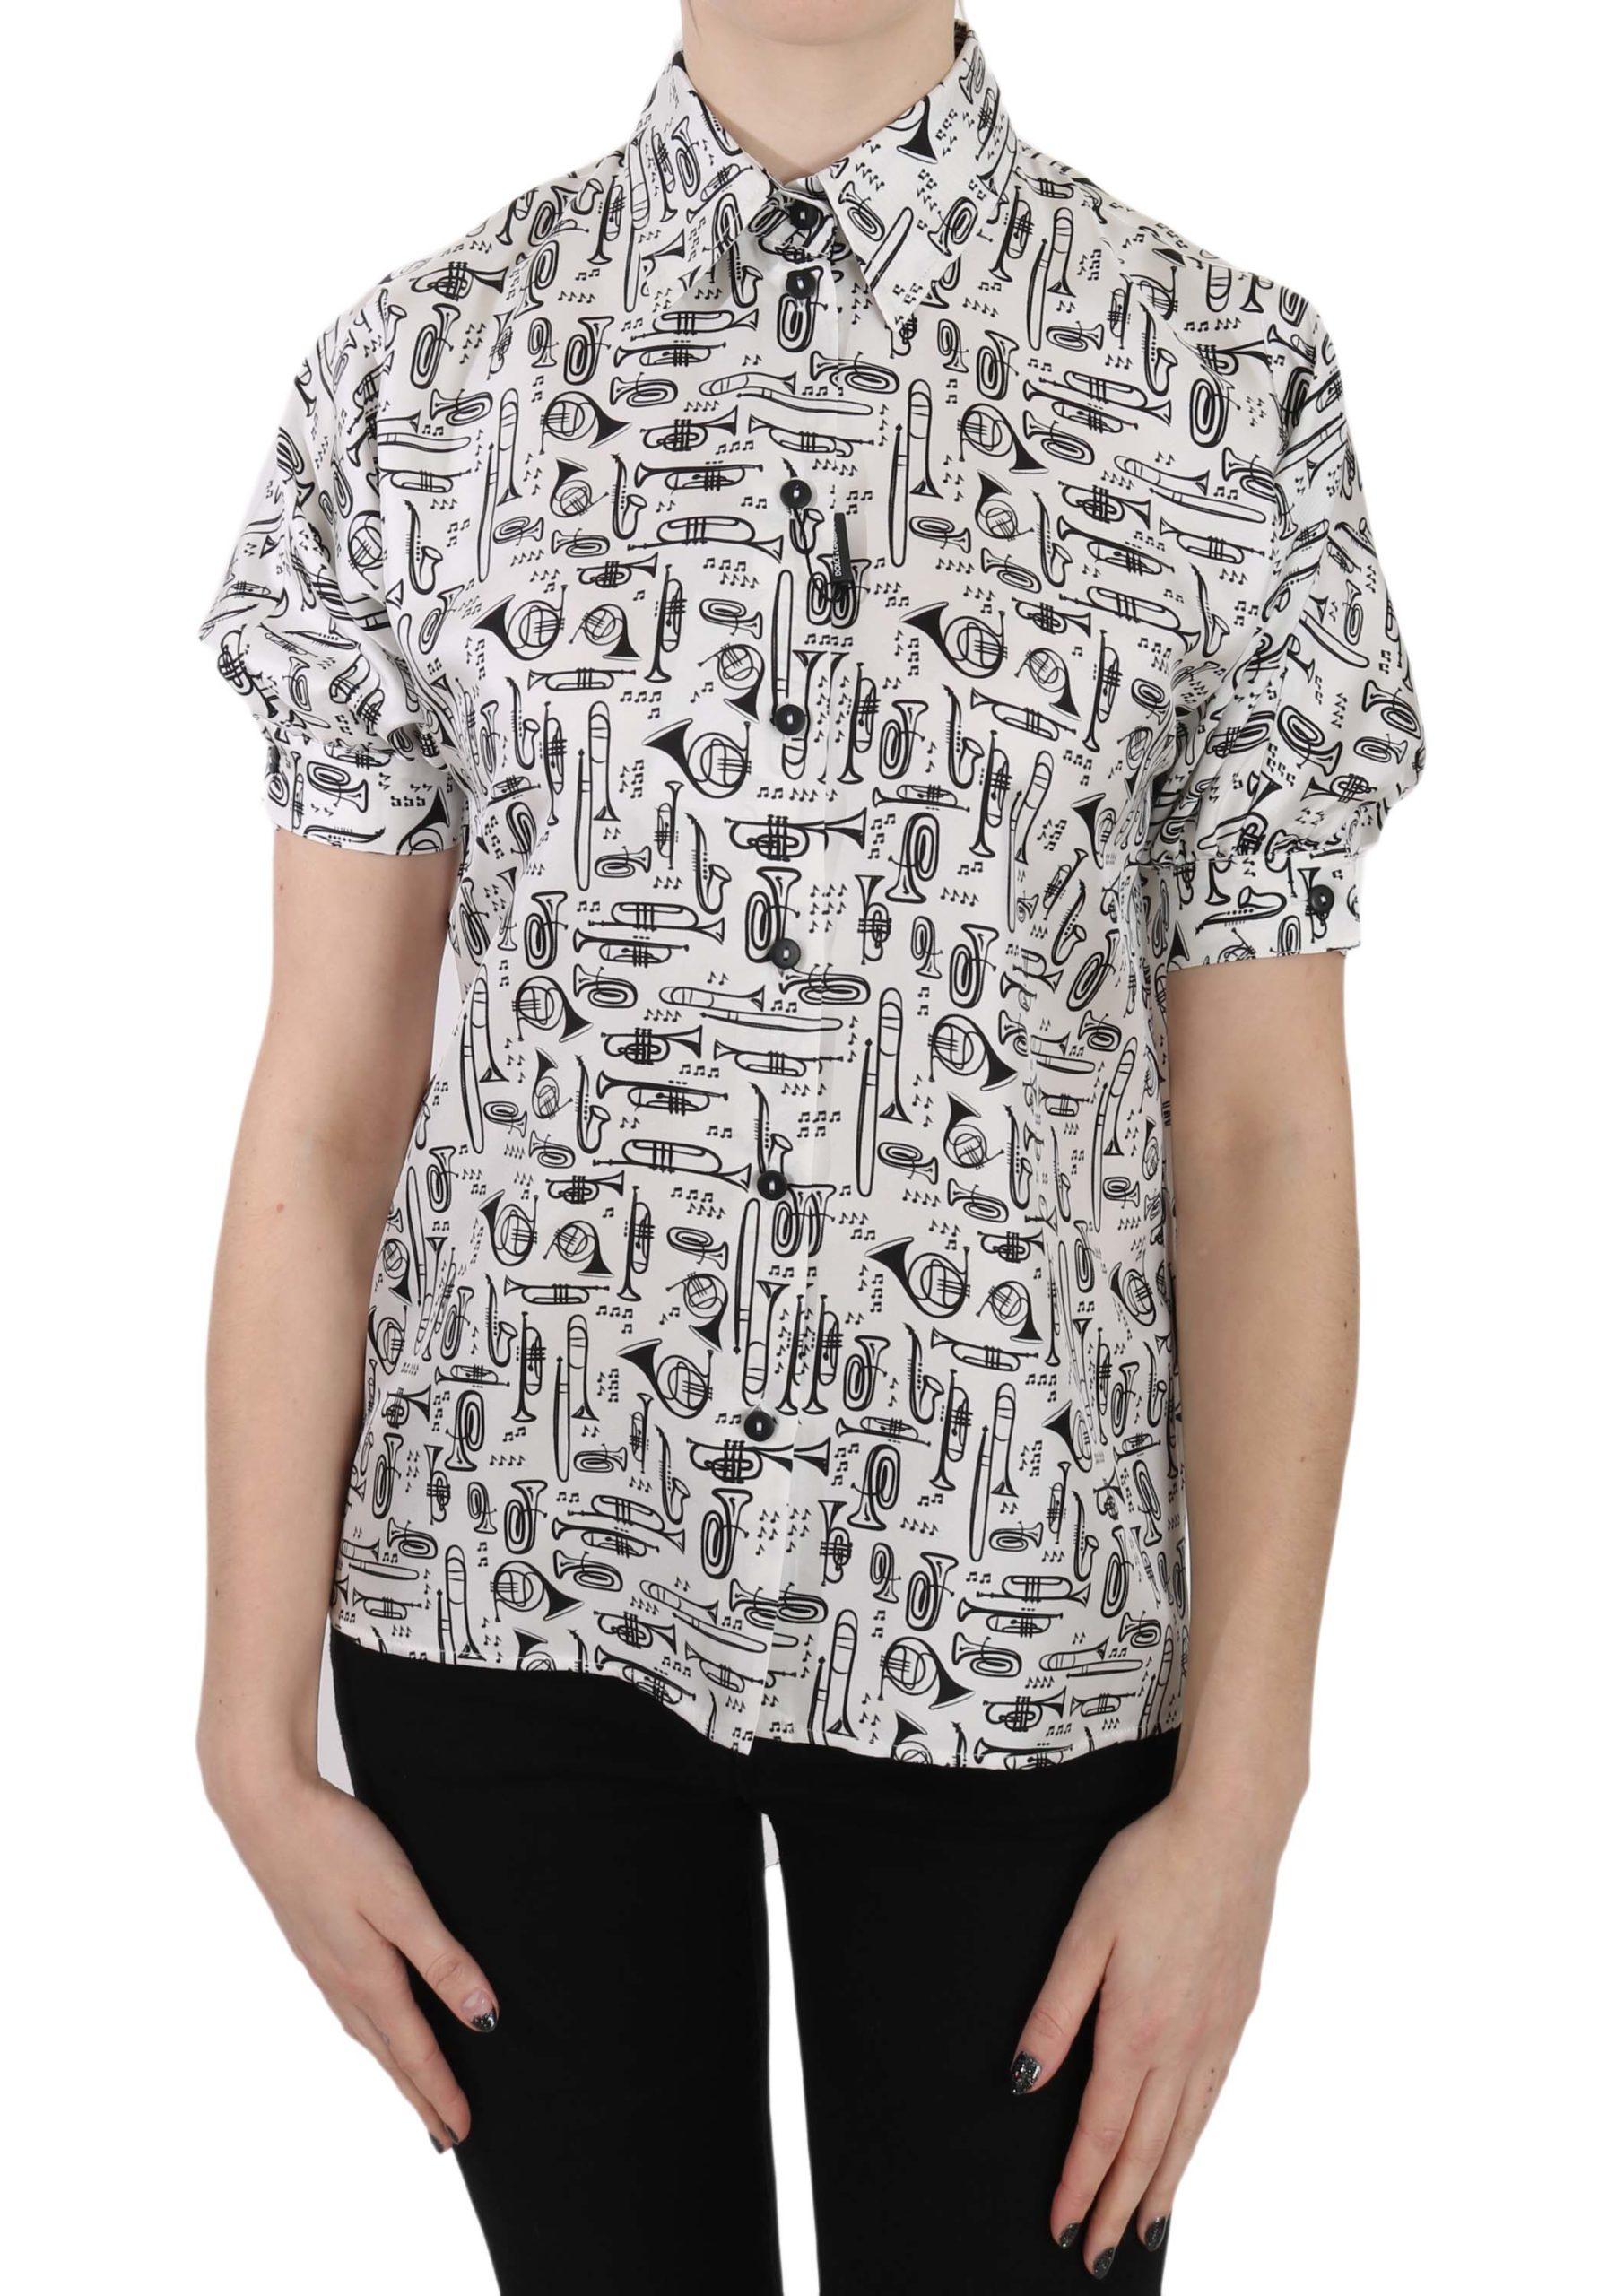 Dolce & Gabbana Women's Trumpet Print Button Shirt White TSH3227 - IT36|XXS